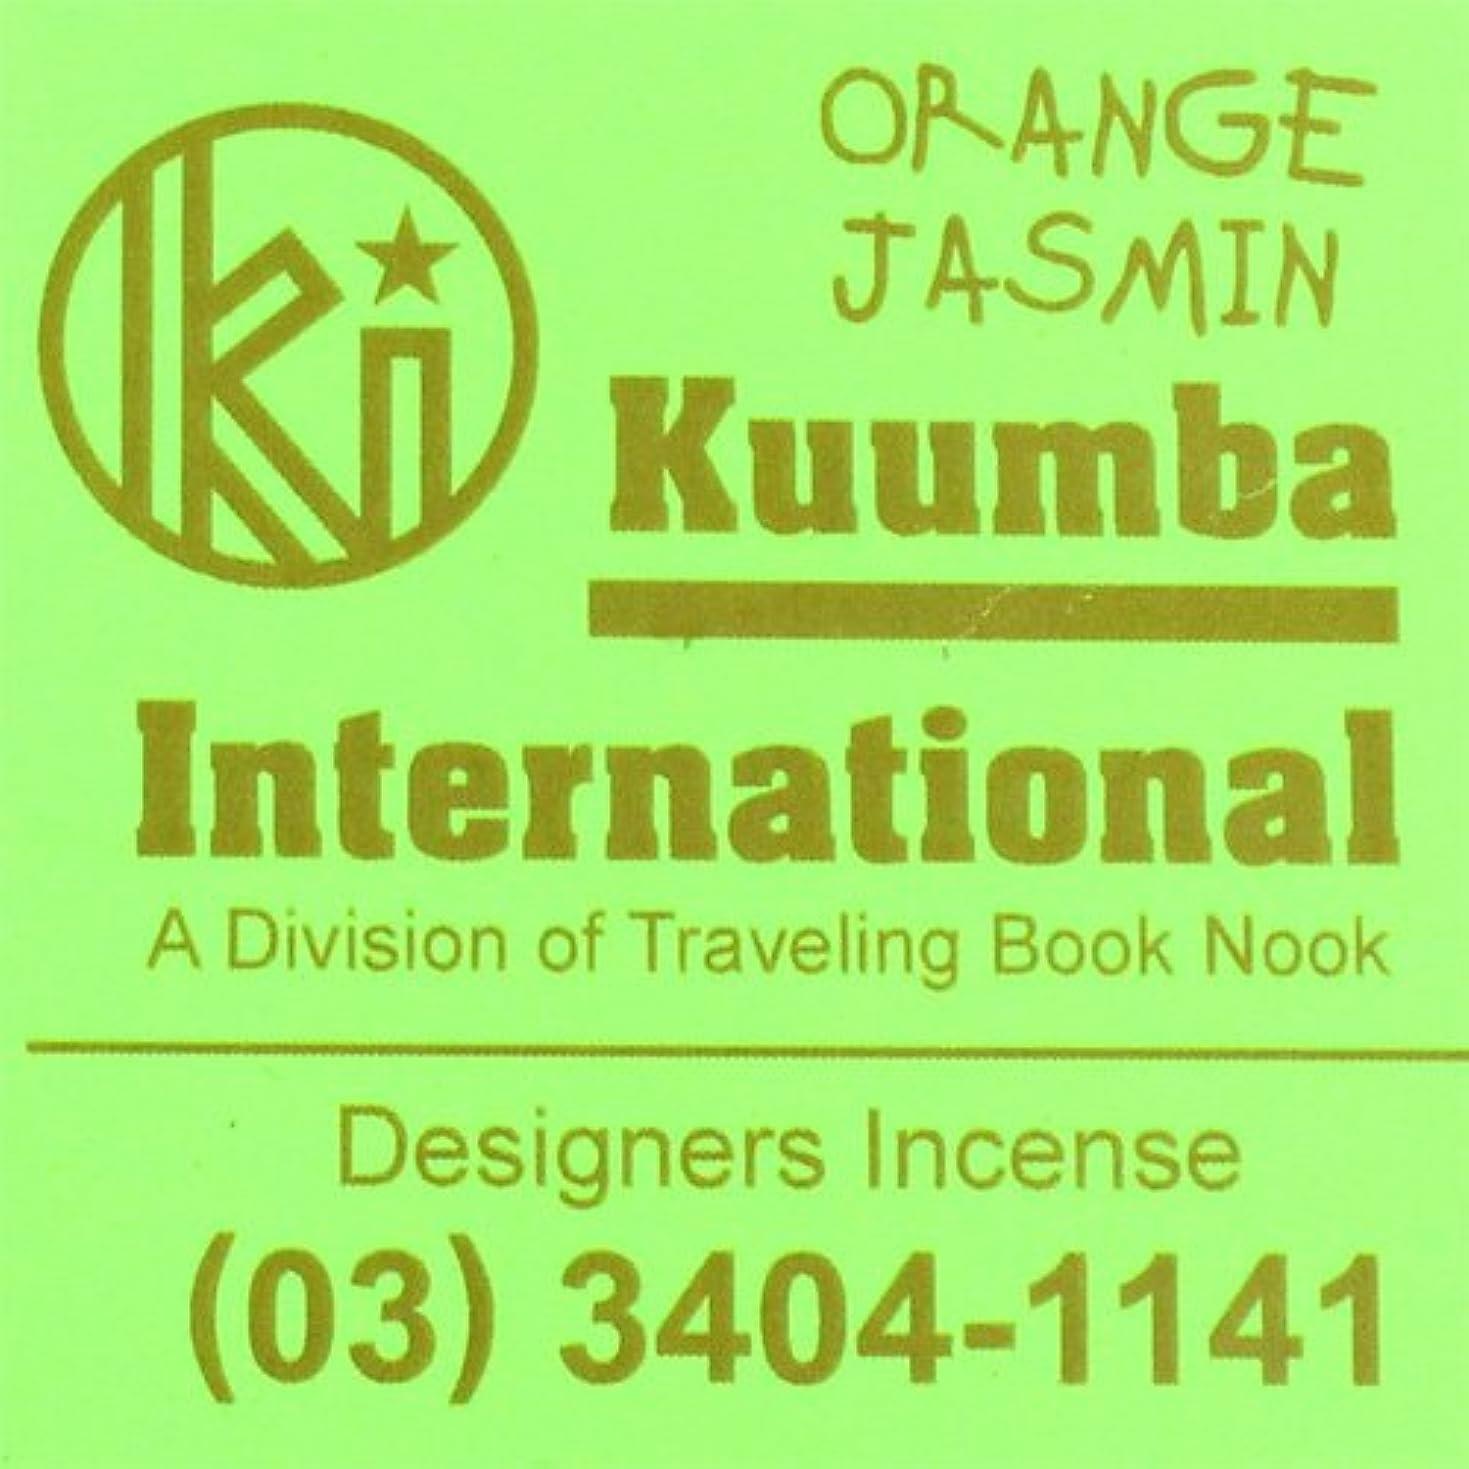 乱闘繊維記者KUUMBA / クンバ『incense』(ORANGE JASMINE) (Regular size)